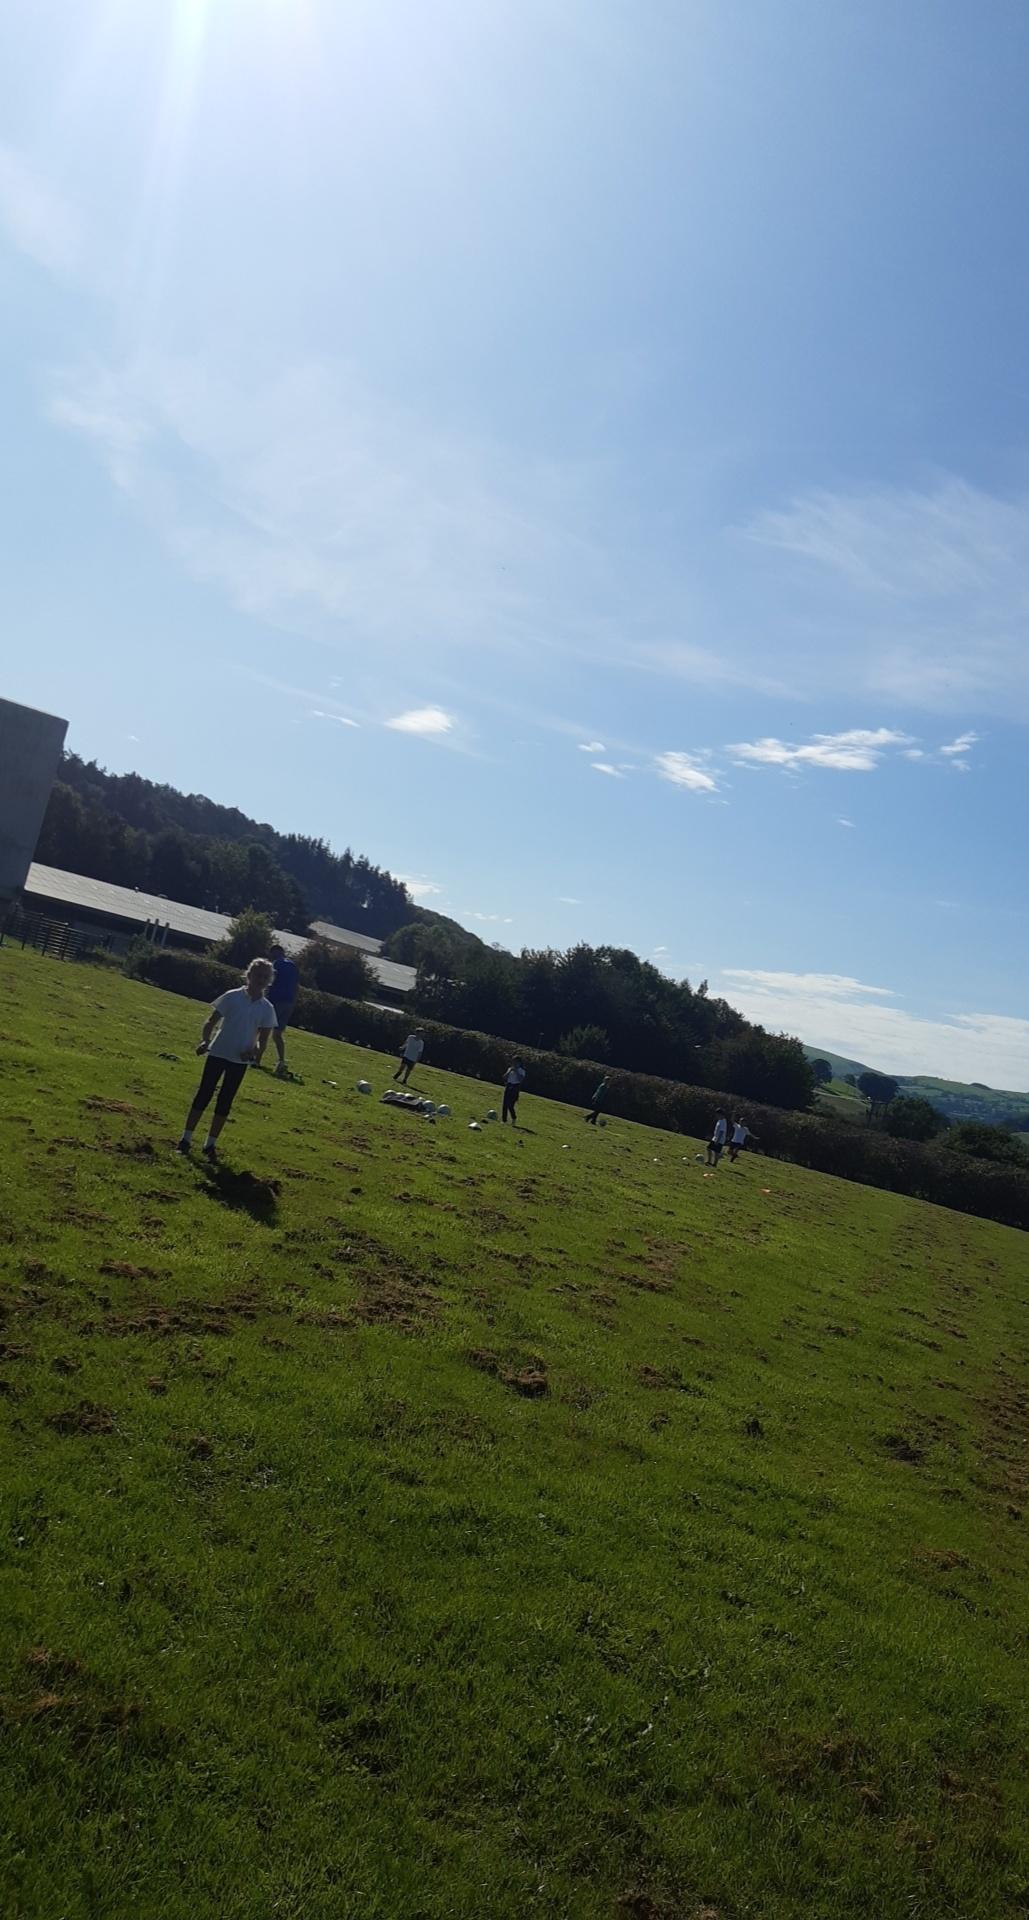 Children in a field